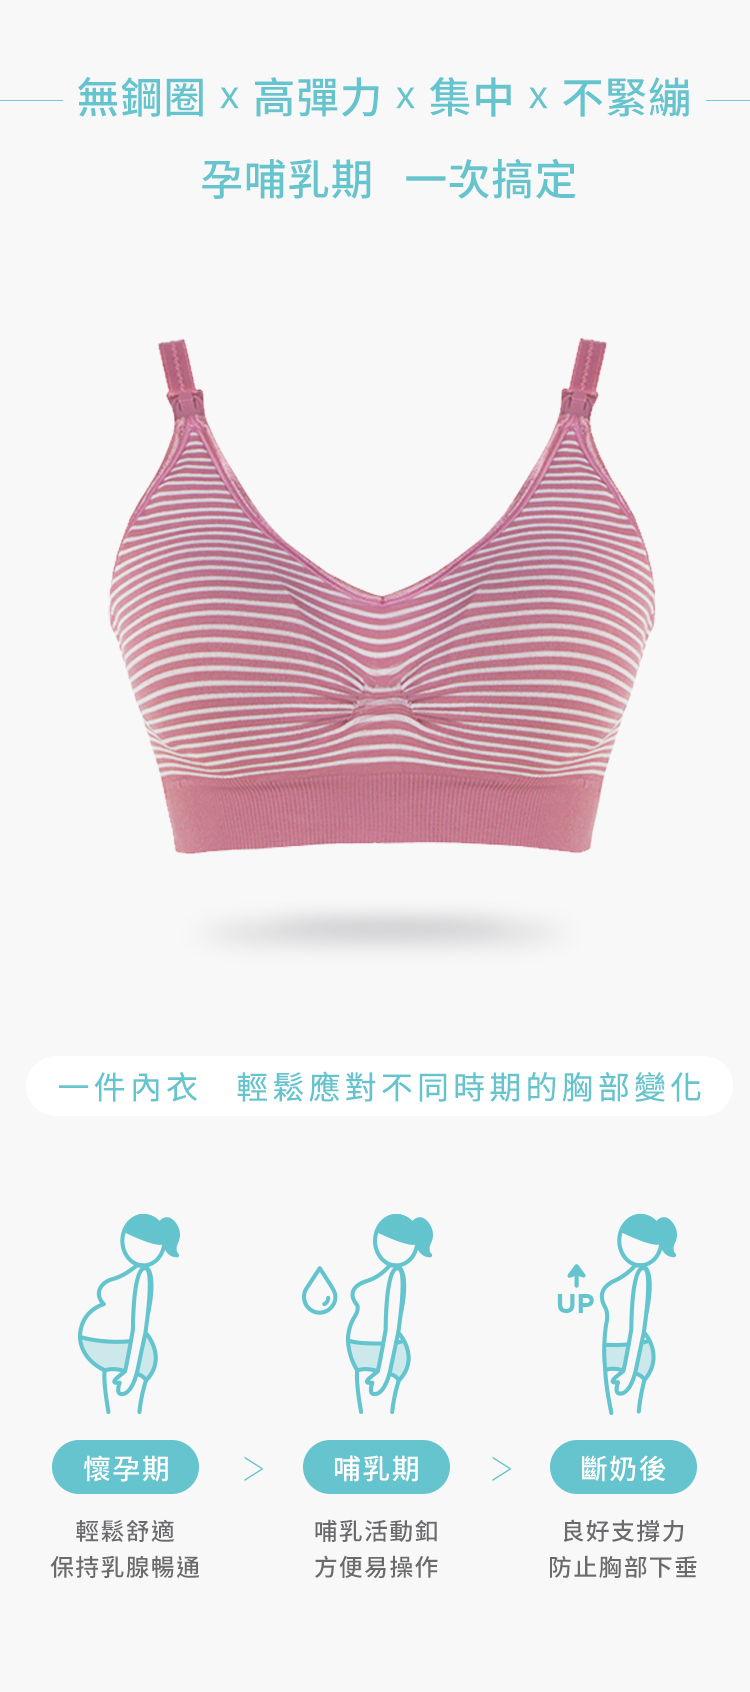 哺乳內衣, 孕婦內衣, 舒適, 高彈力無痕孕哺乳內衣, 哺乳期, 無鋼圈, 高彈力, 集中, 不緊繃, 孕哺乳期, 一次搞定, 一次內衣, 輕鬆應對不同時期的胸部變化 胸部變化, 懷孕期, 輕鬆舒適, 保持乳腺暢通, 哺乳期, 哺乳活動釦, 方便易操作, 斷奶後, 量好支撐力, 防止胸部下垂